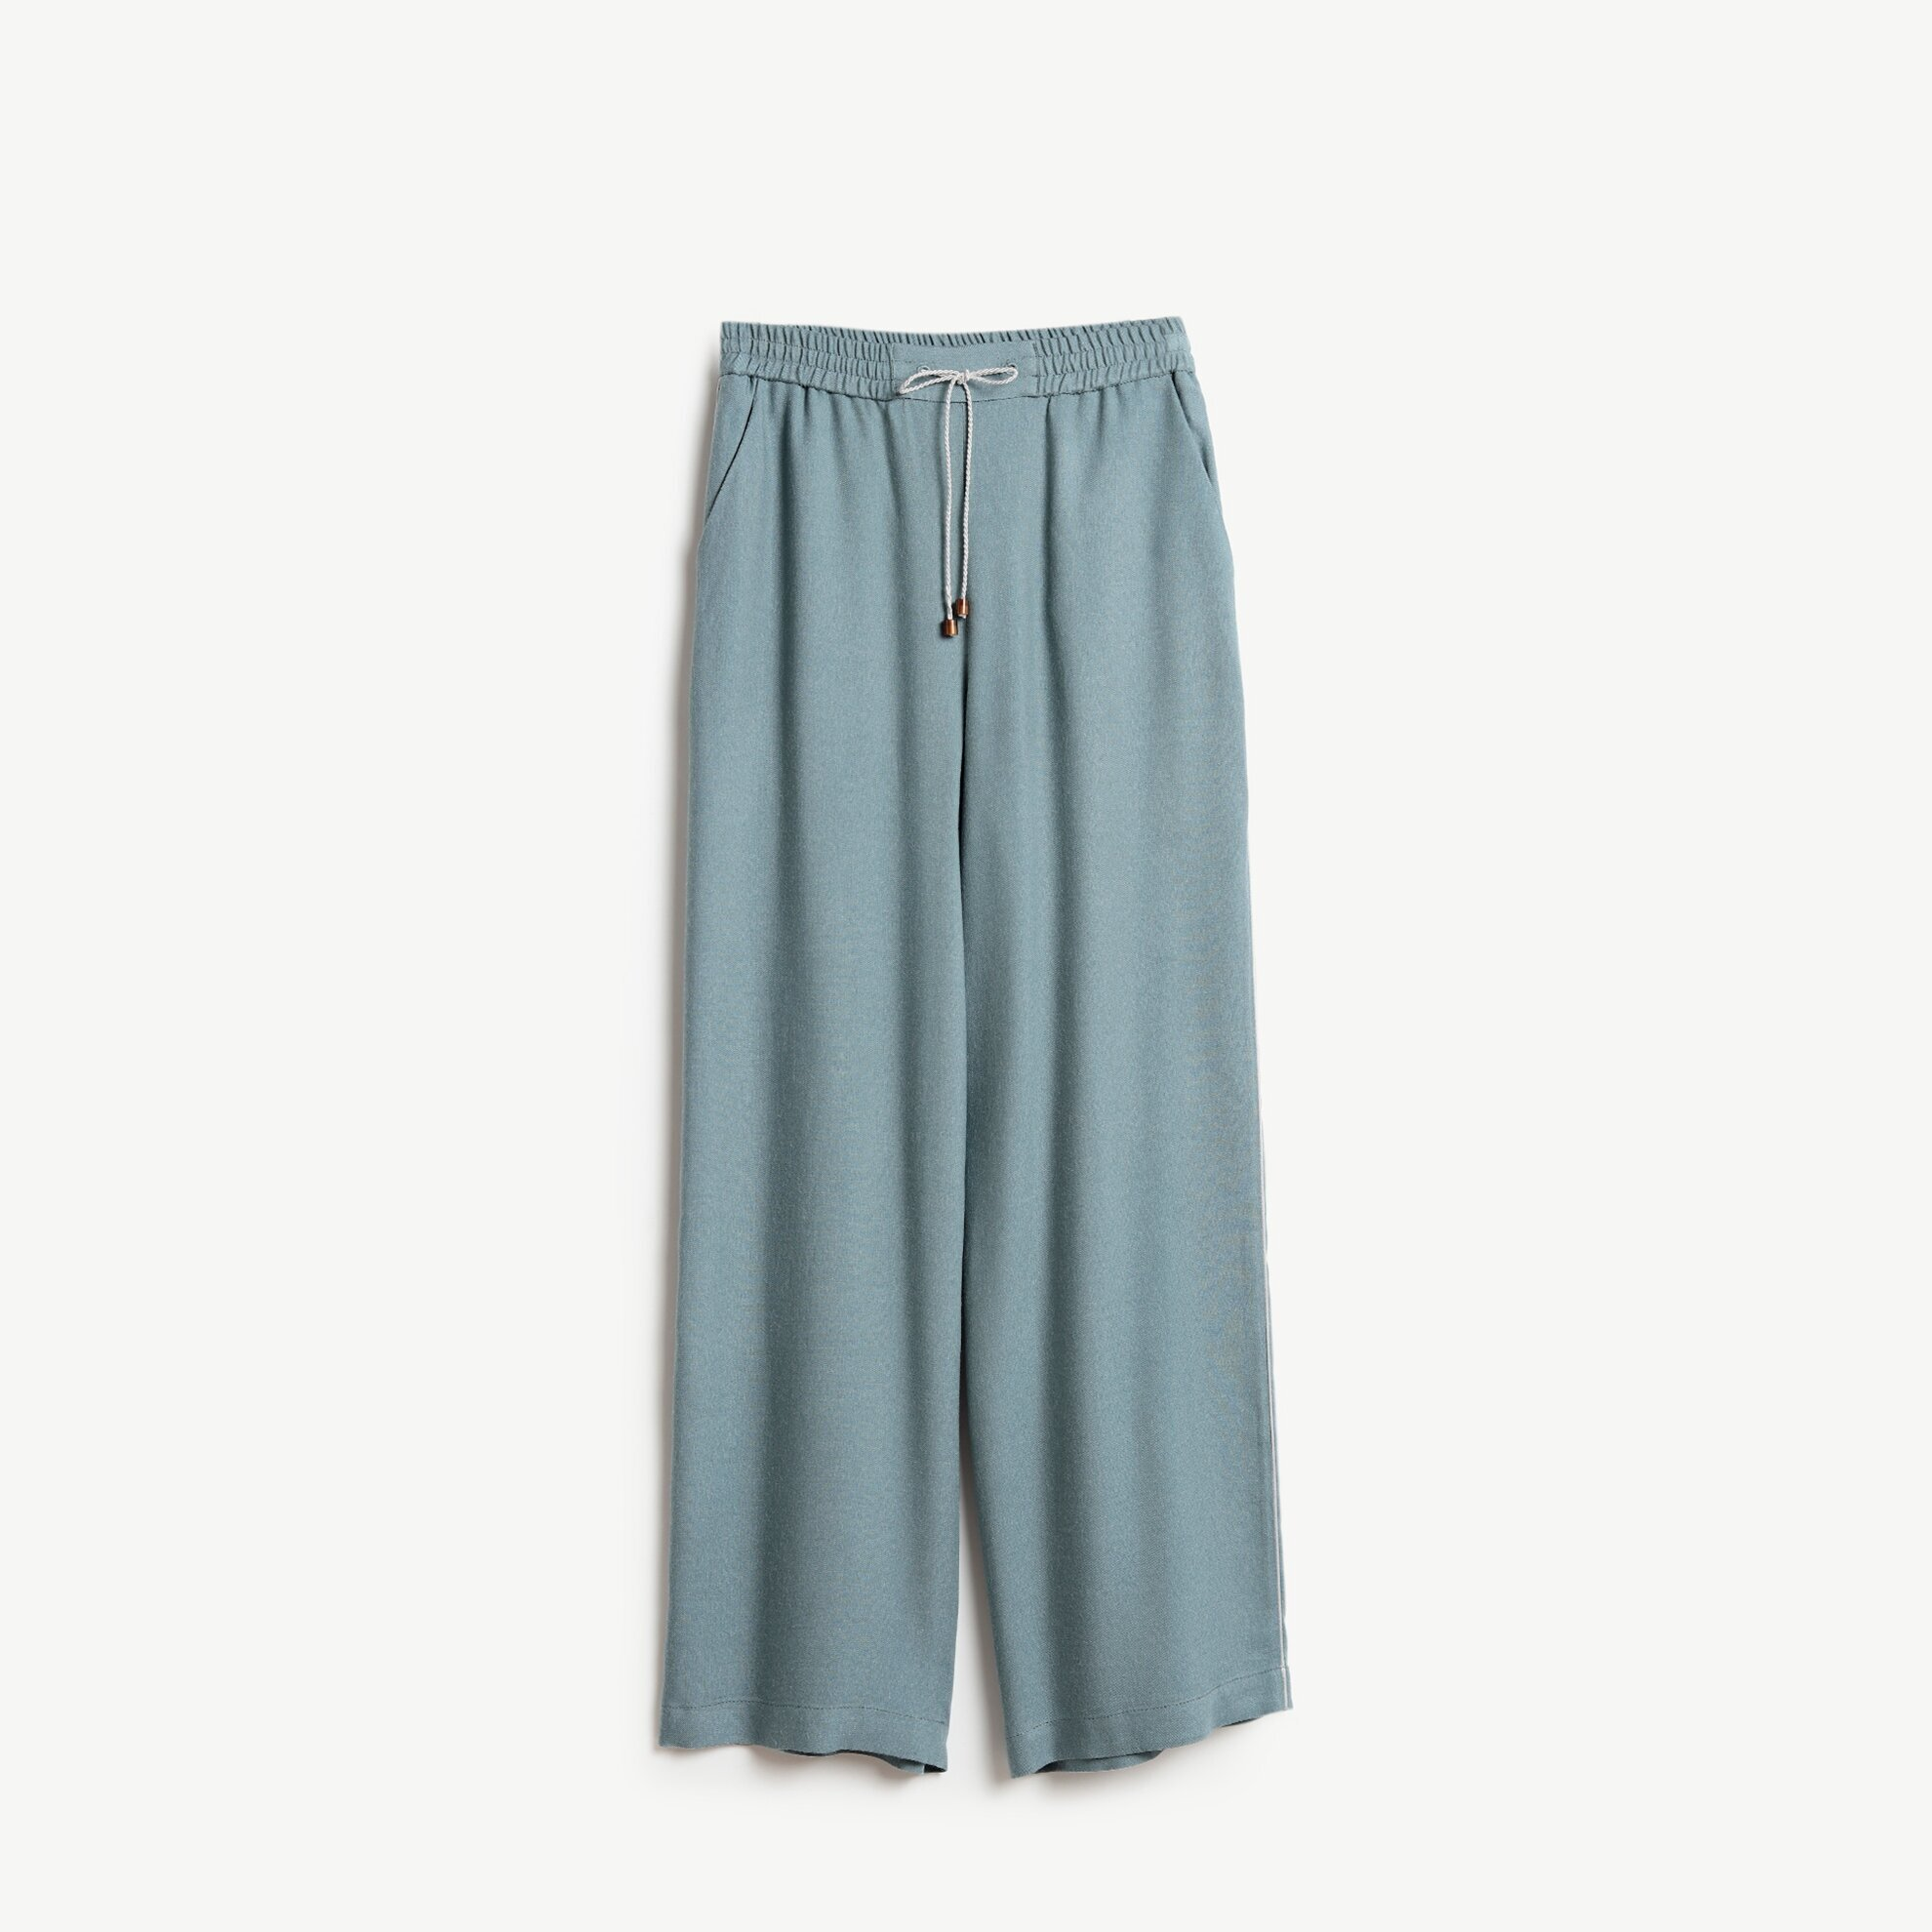 Biye Detaylı Pantolon